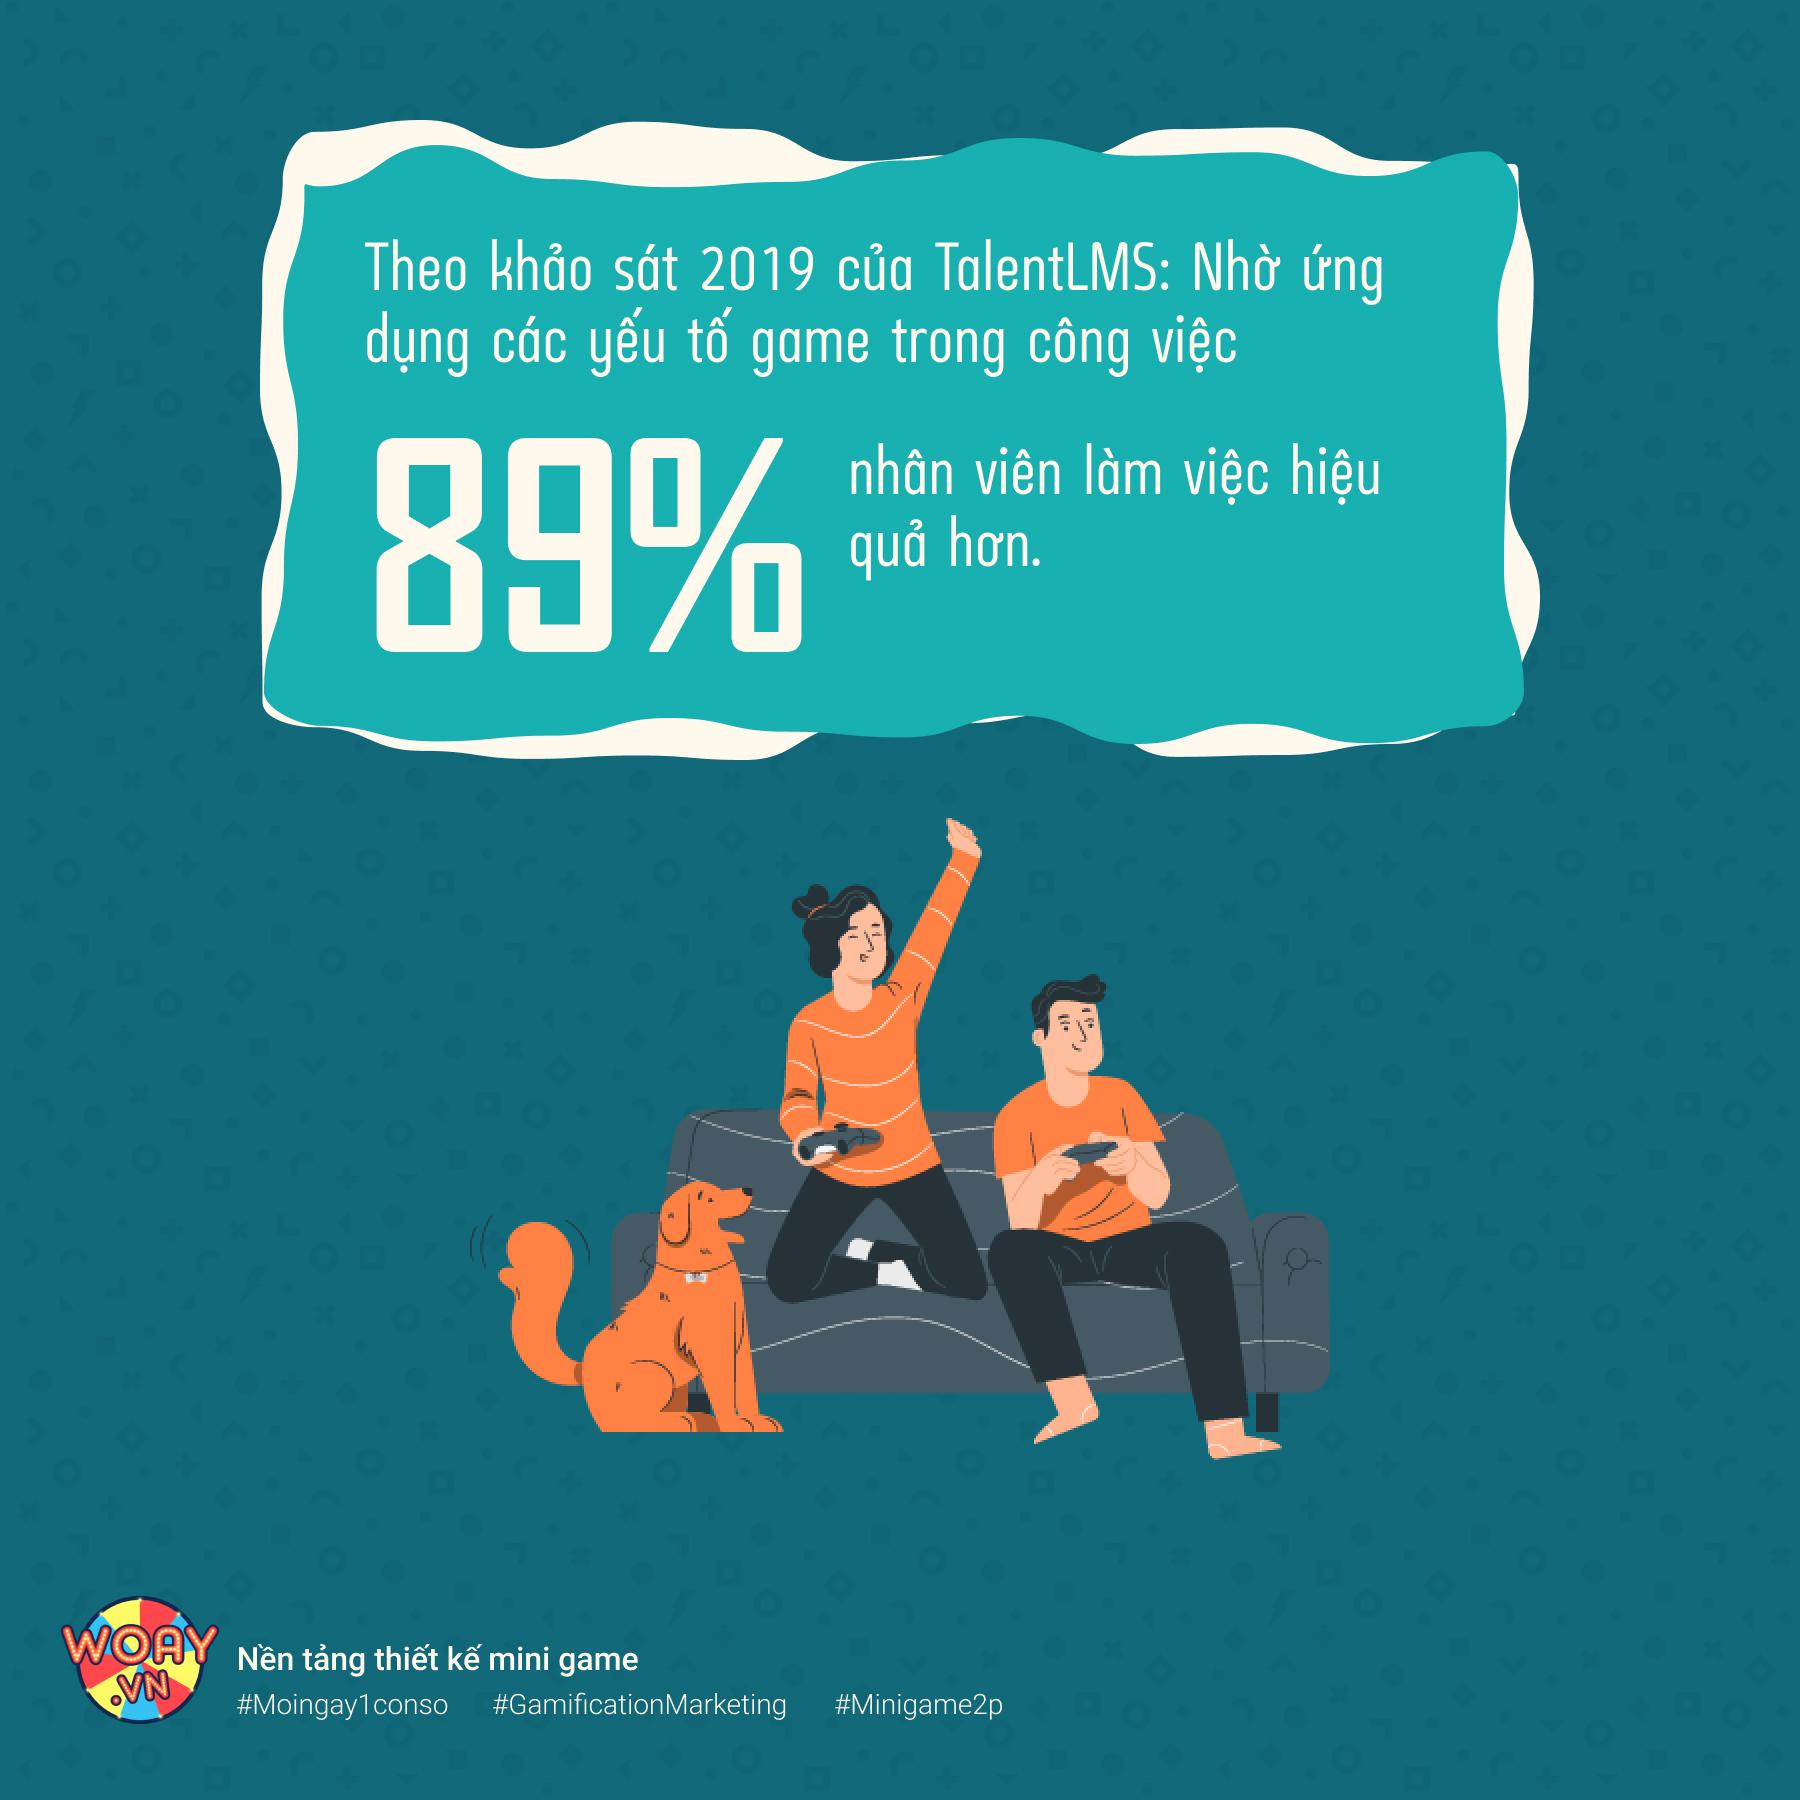 88% nhân viên cảm thấy hạnh phúc hơn nhờ ứng dụng Gamification.